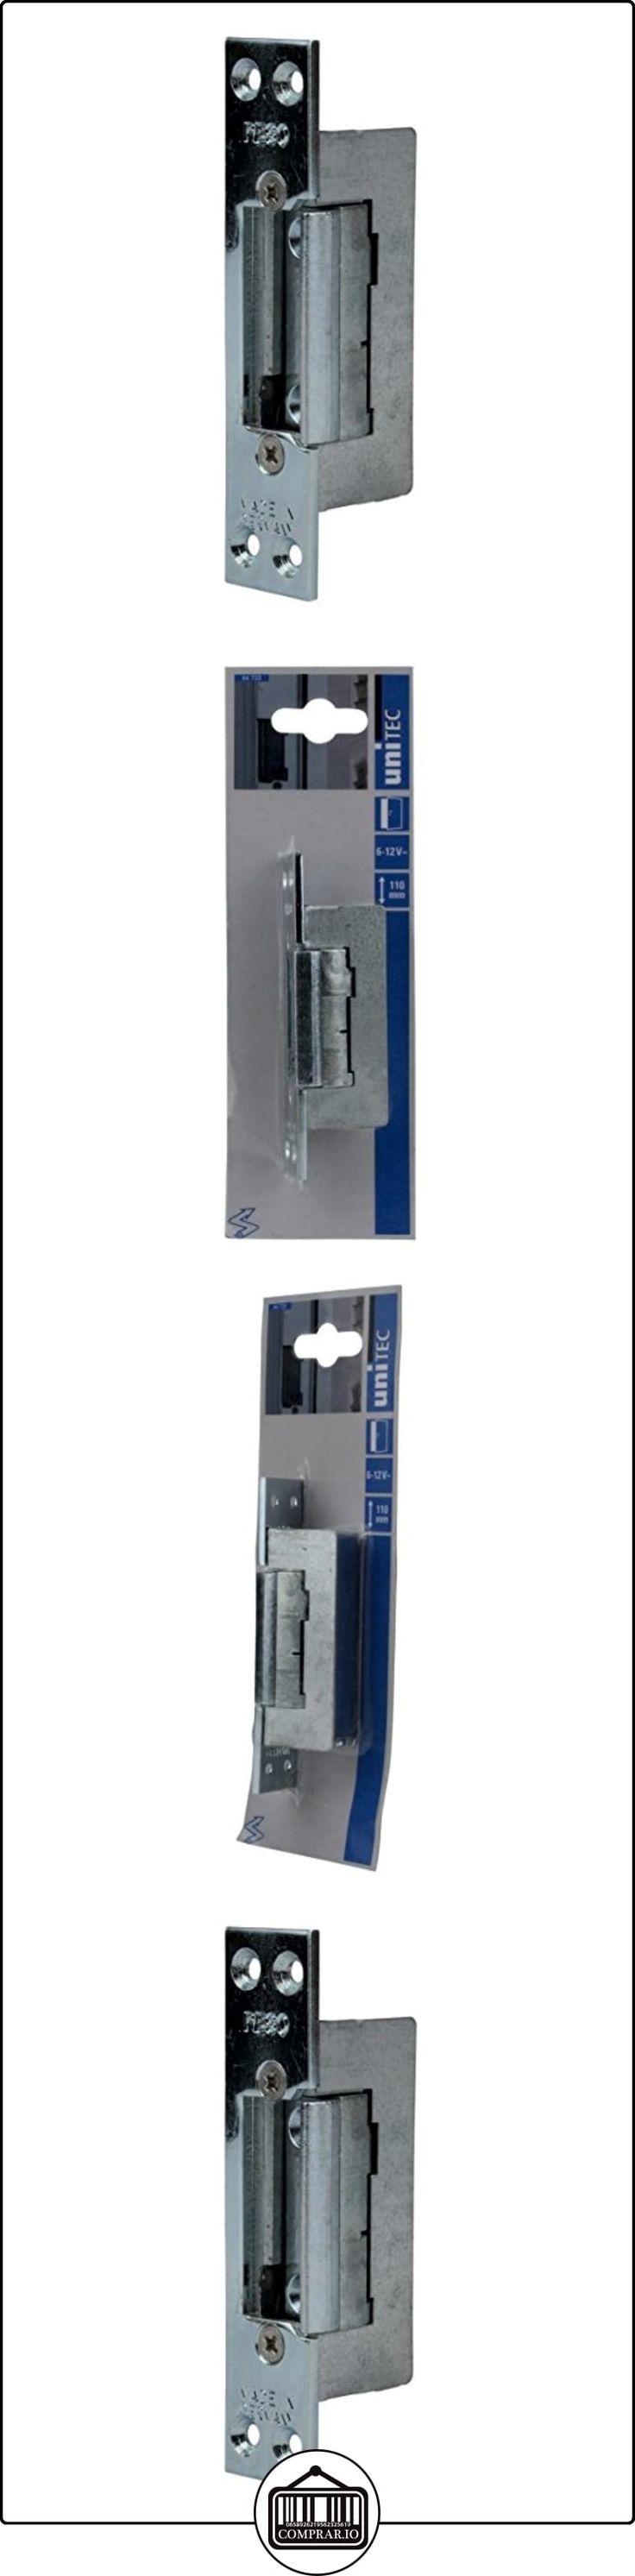 uniTEC 44720 - Cerradura eléctrica para puertas (aluminio, 110 mm)  ✿ Seguridad para tu bebé - (Protege a tus hijos) ✿ ▬► Ver oferta: http://comprar.io/goto/B002ZH10G4